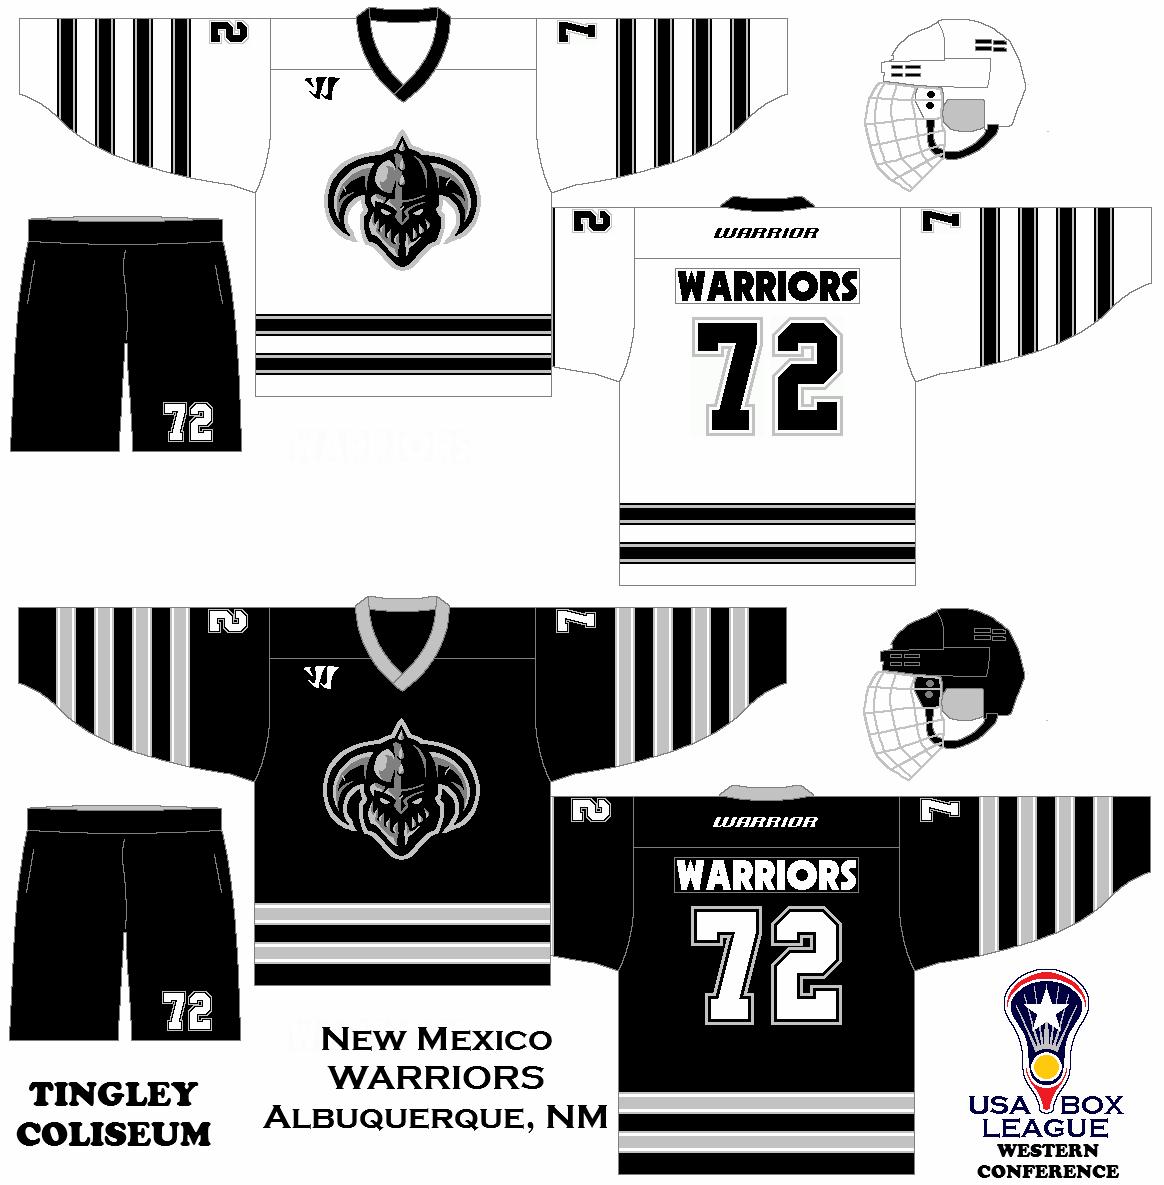 My Fictional Box Lacrosse League The Us Box Lacrosse League New Mexico Warriors Uniform Set Concept Box Lacrosse Hockey Jersey Lacrosse